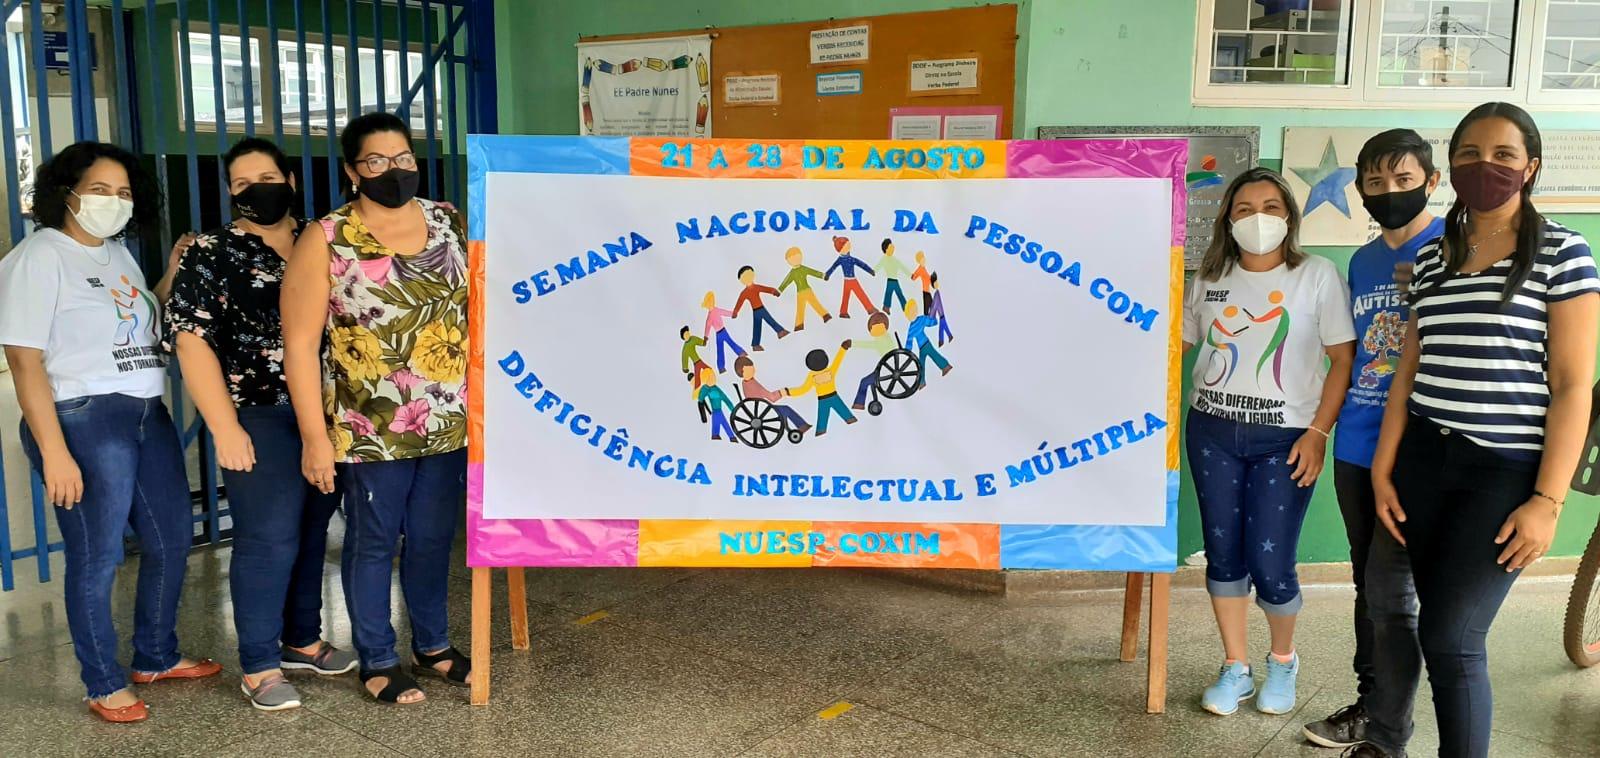 Escolas jurisdicionadas a CRE4 realizam ações durante a Semana Nacional da Pessoa Com Deficiência Intelectual e Múltipla.